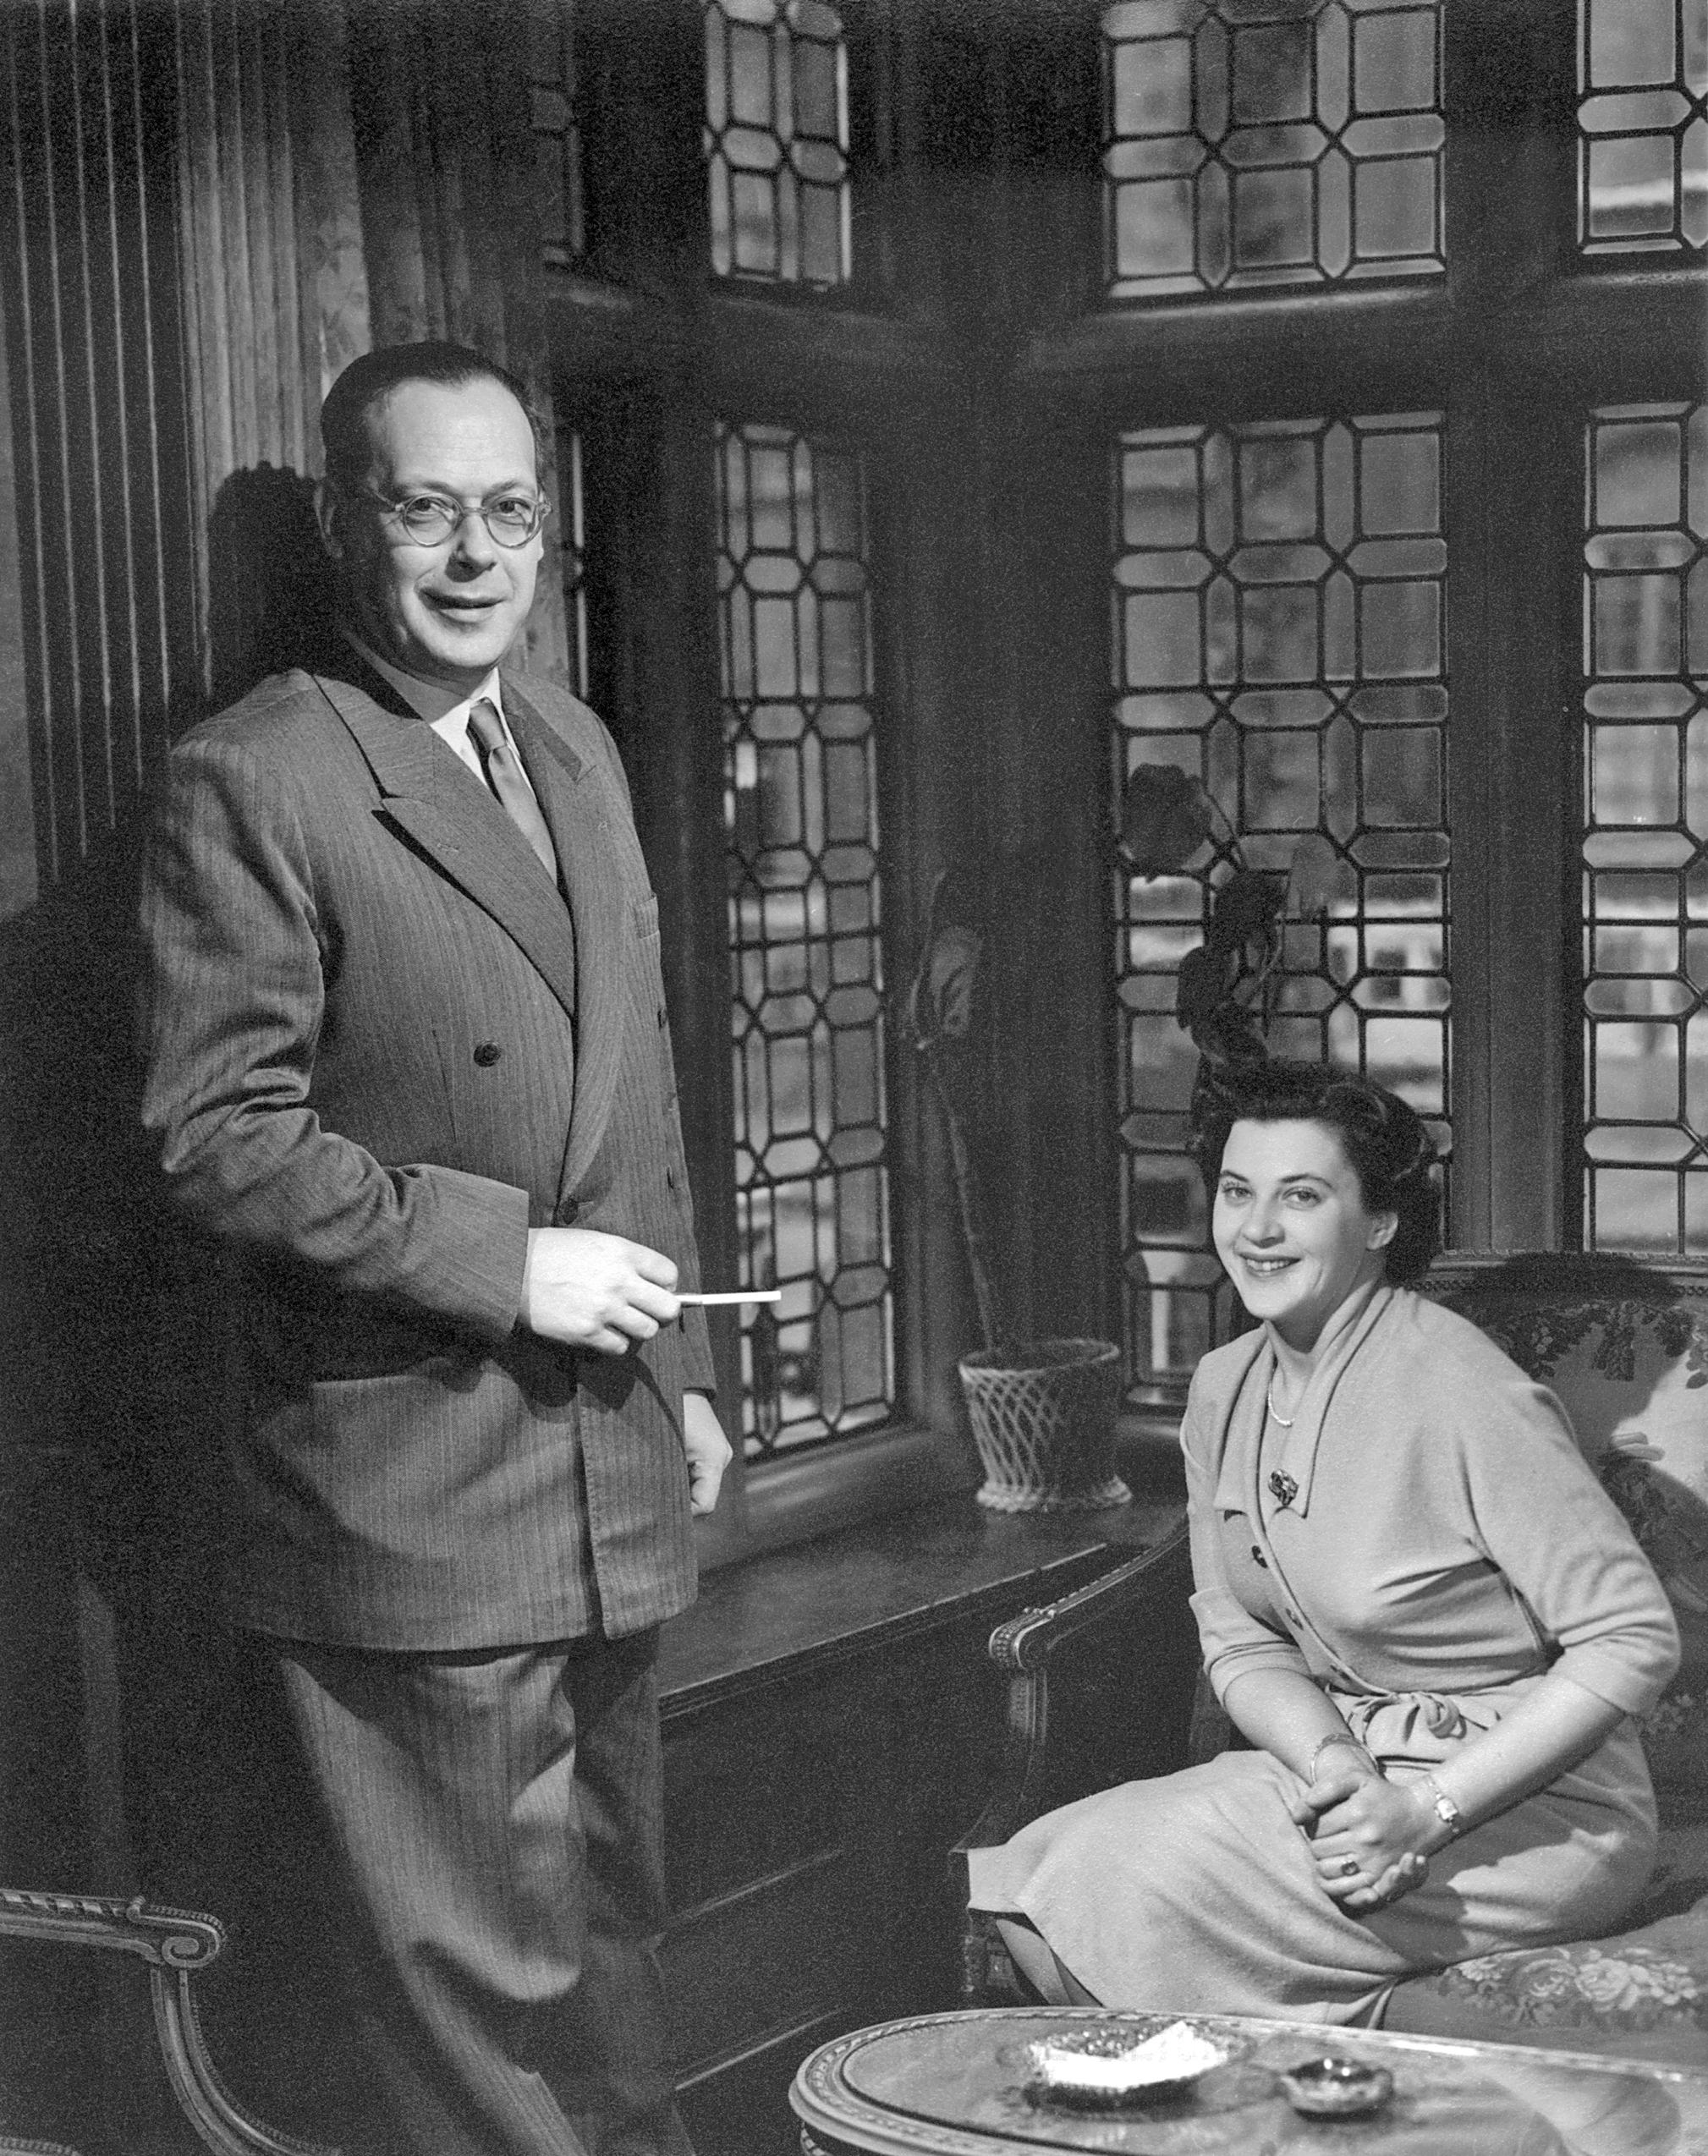 Kao ambasador Jugoslavije u Londonu 1953. godine, sa suprugom Verom. Prije Londona bio je veleposlanik u Rimu